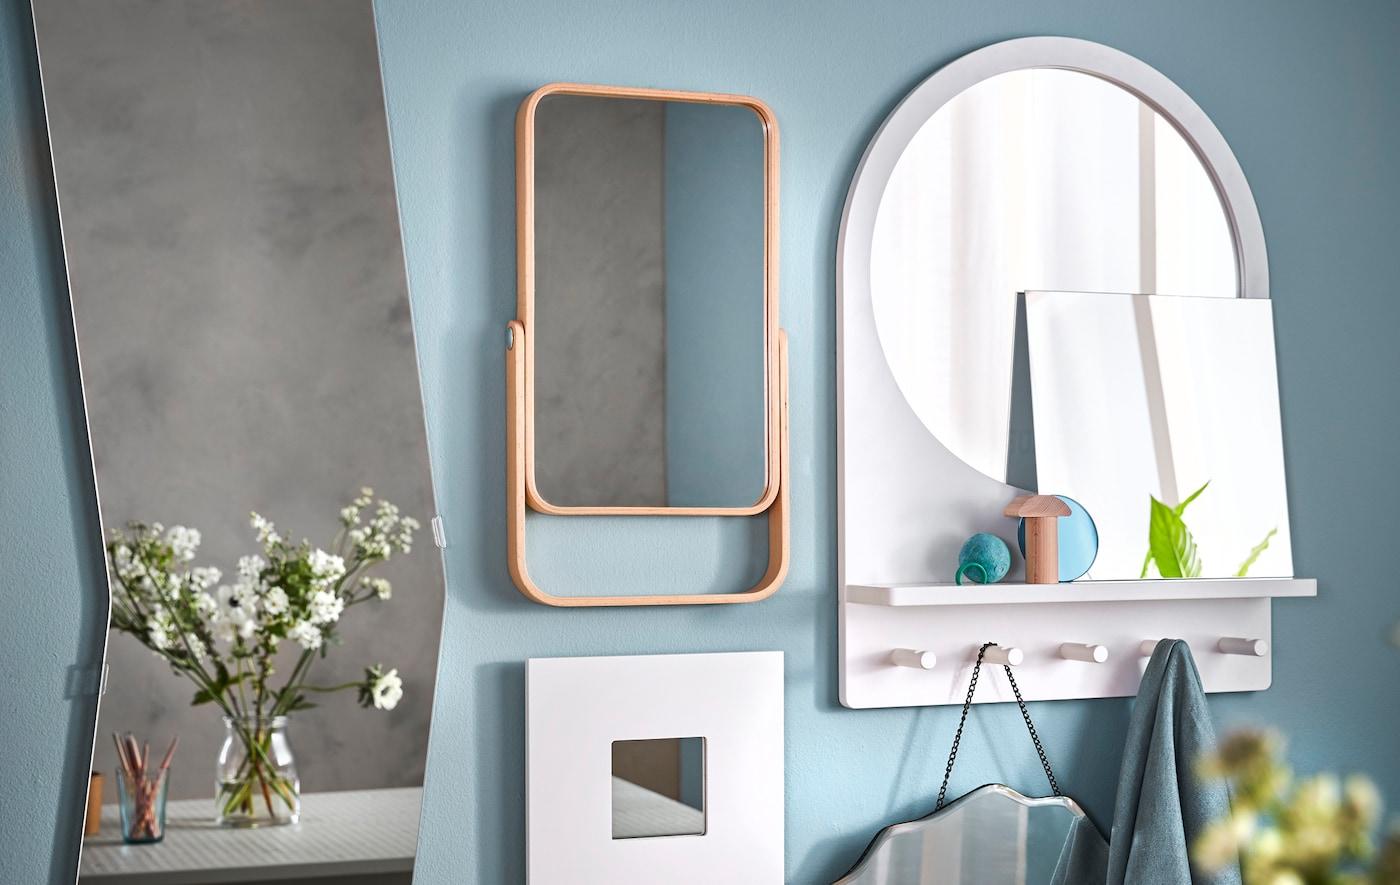 打造个人镜子拼贴墙!试试宜家 MALMA 马尔曼 白色镜子,用托架把它挂起来!